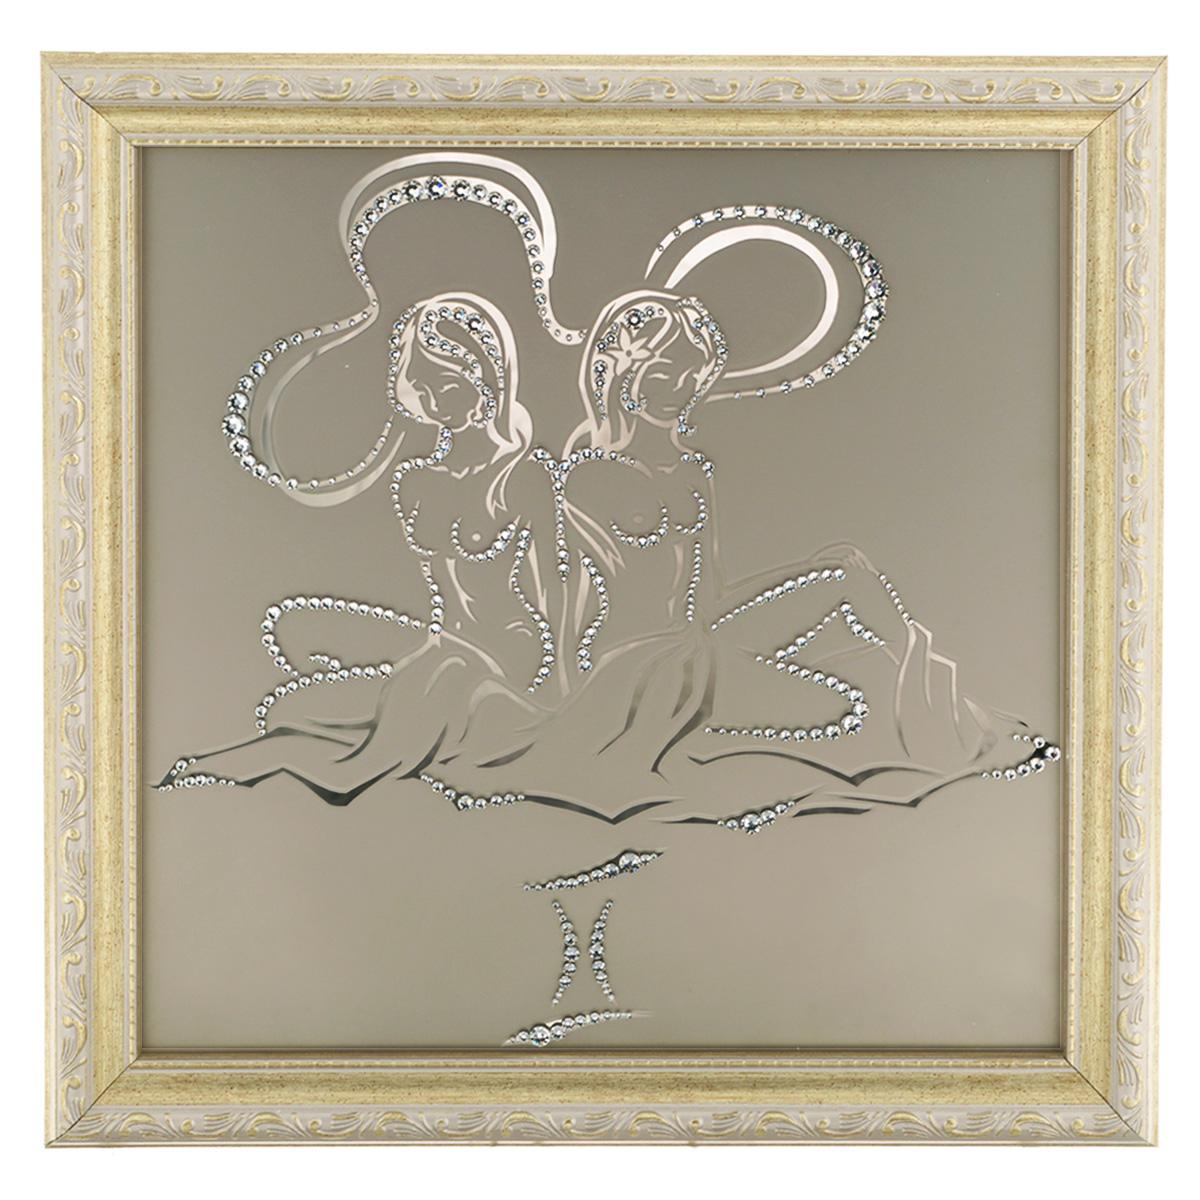 Картина с кристаллами Swarovski Знак зодиака. Близнецы, 35 см х 35 см1128Изящная картина в багетной раме, инкрустирована кристаллами Swarovski в виде знака зодиака - Близнецы на матовом стекле золотистого цвета. Кристаллы Swarovski отличаются четкой и ровной огранкой, ярким блеском и чистотой цвета. С обратной стороны имеется металлическая проволока для размещения картины на стене. Картина с кристаллами Swarovski Знак зодиака. Близнецы элегантно украсит интерьер дома или офиса, а также станет прекрасным подарком, который обязательно понравится получателю. Блеск кристаллов в интерьере, что может быть сказочнее и удивительнее. Картина упакована в подарочную картонную коробку синего цвета и комплектуется сертификатом соответствия Swarovski.